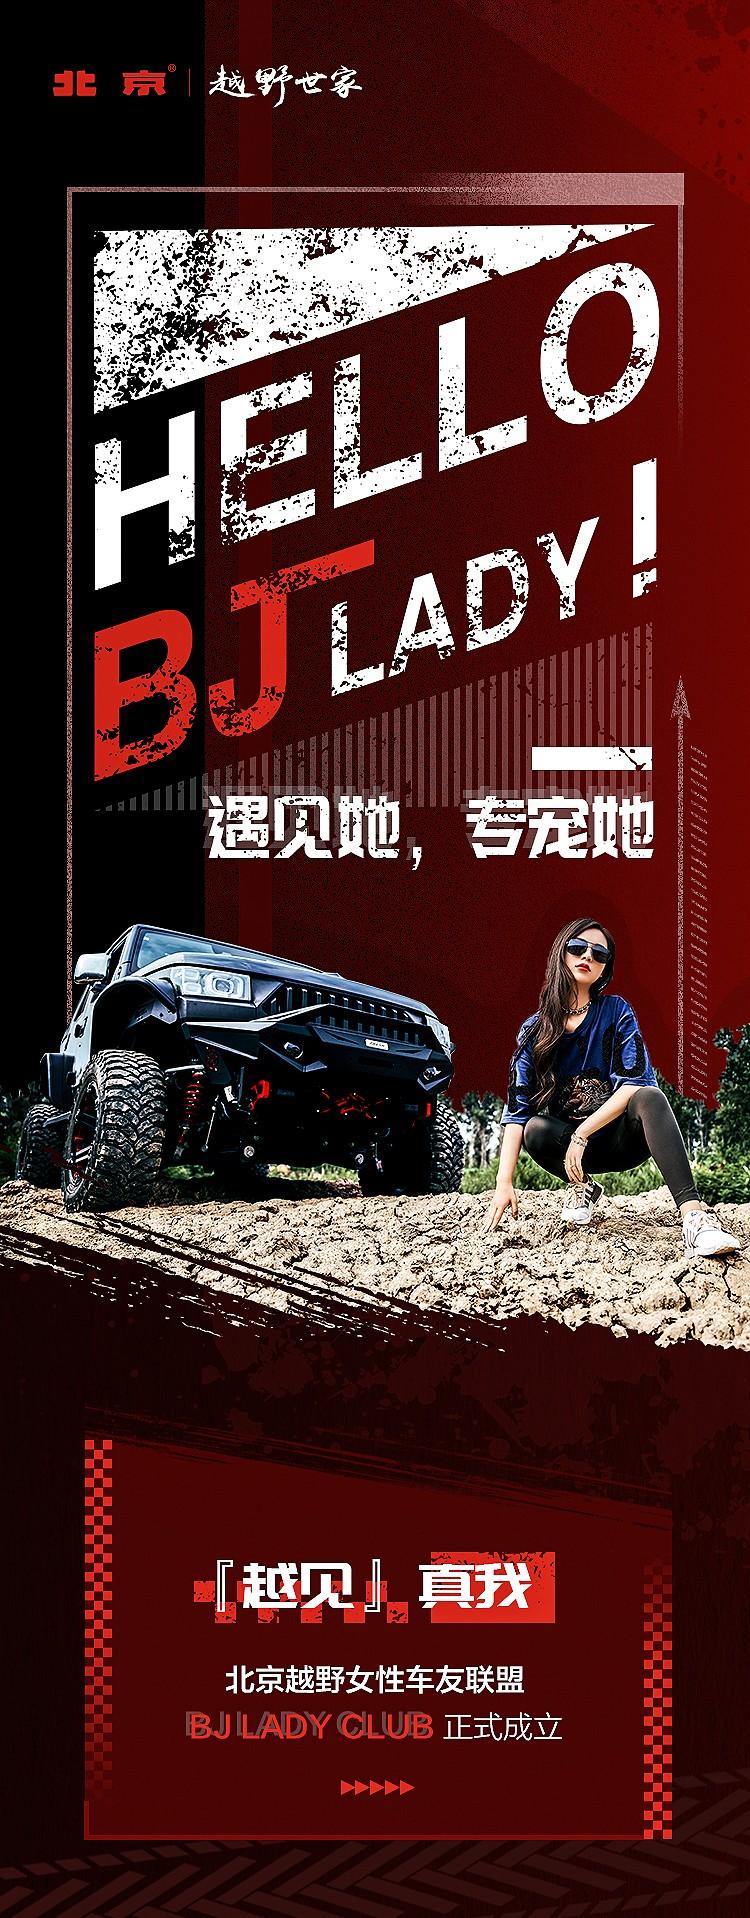 产品谱系驱动人群更多元,北京越野BJ LADY CLUB顺势成立